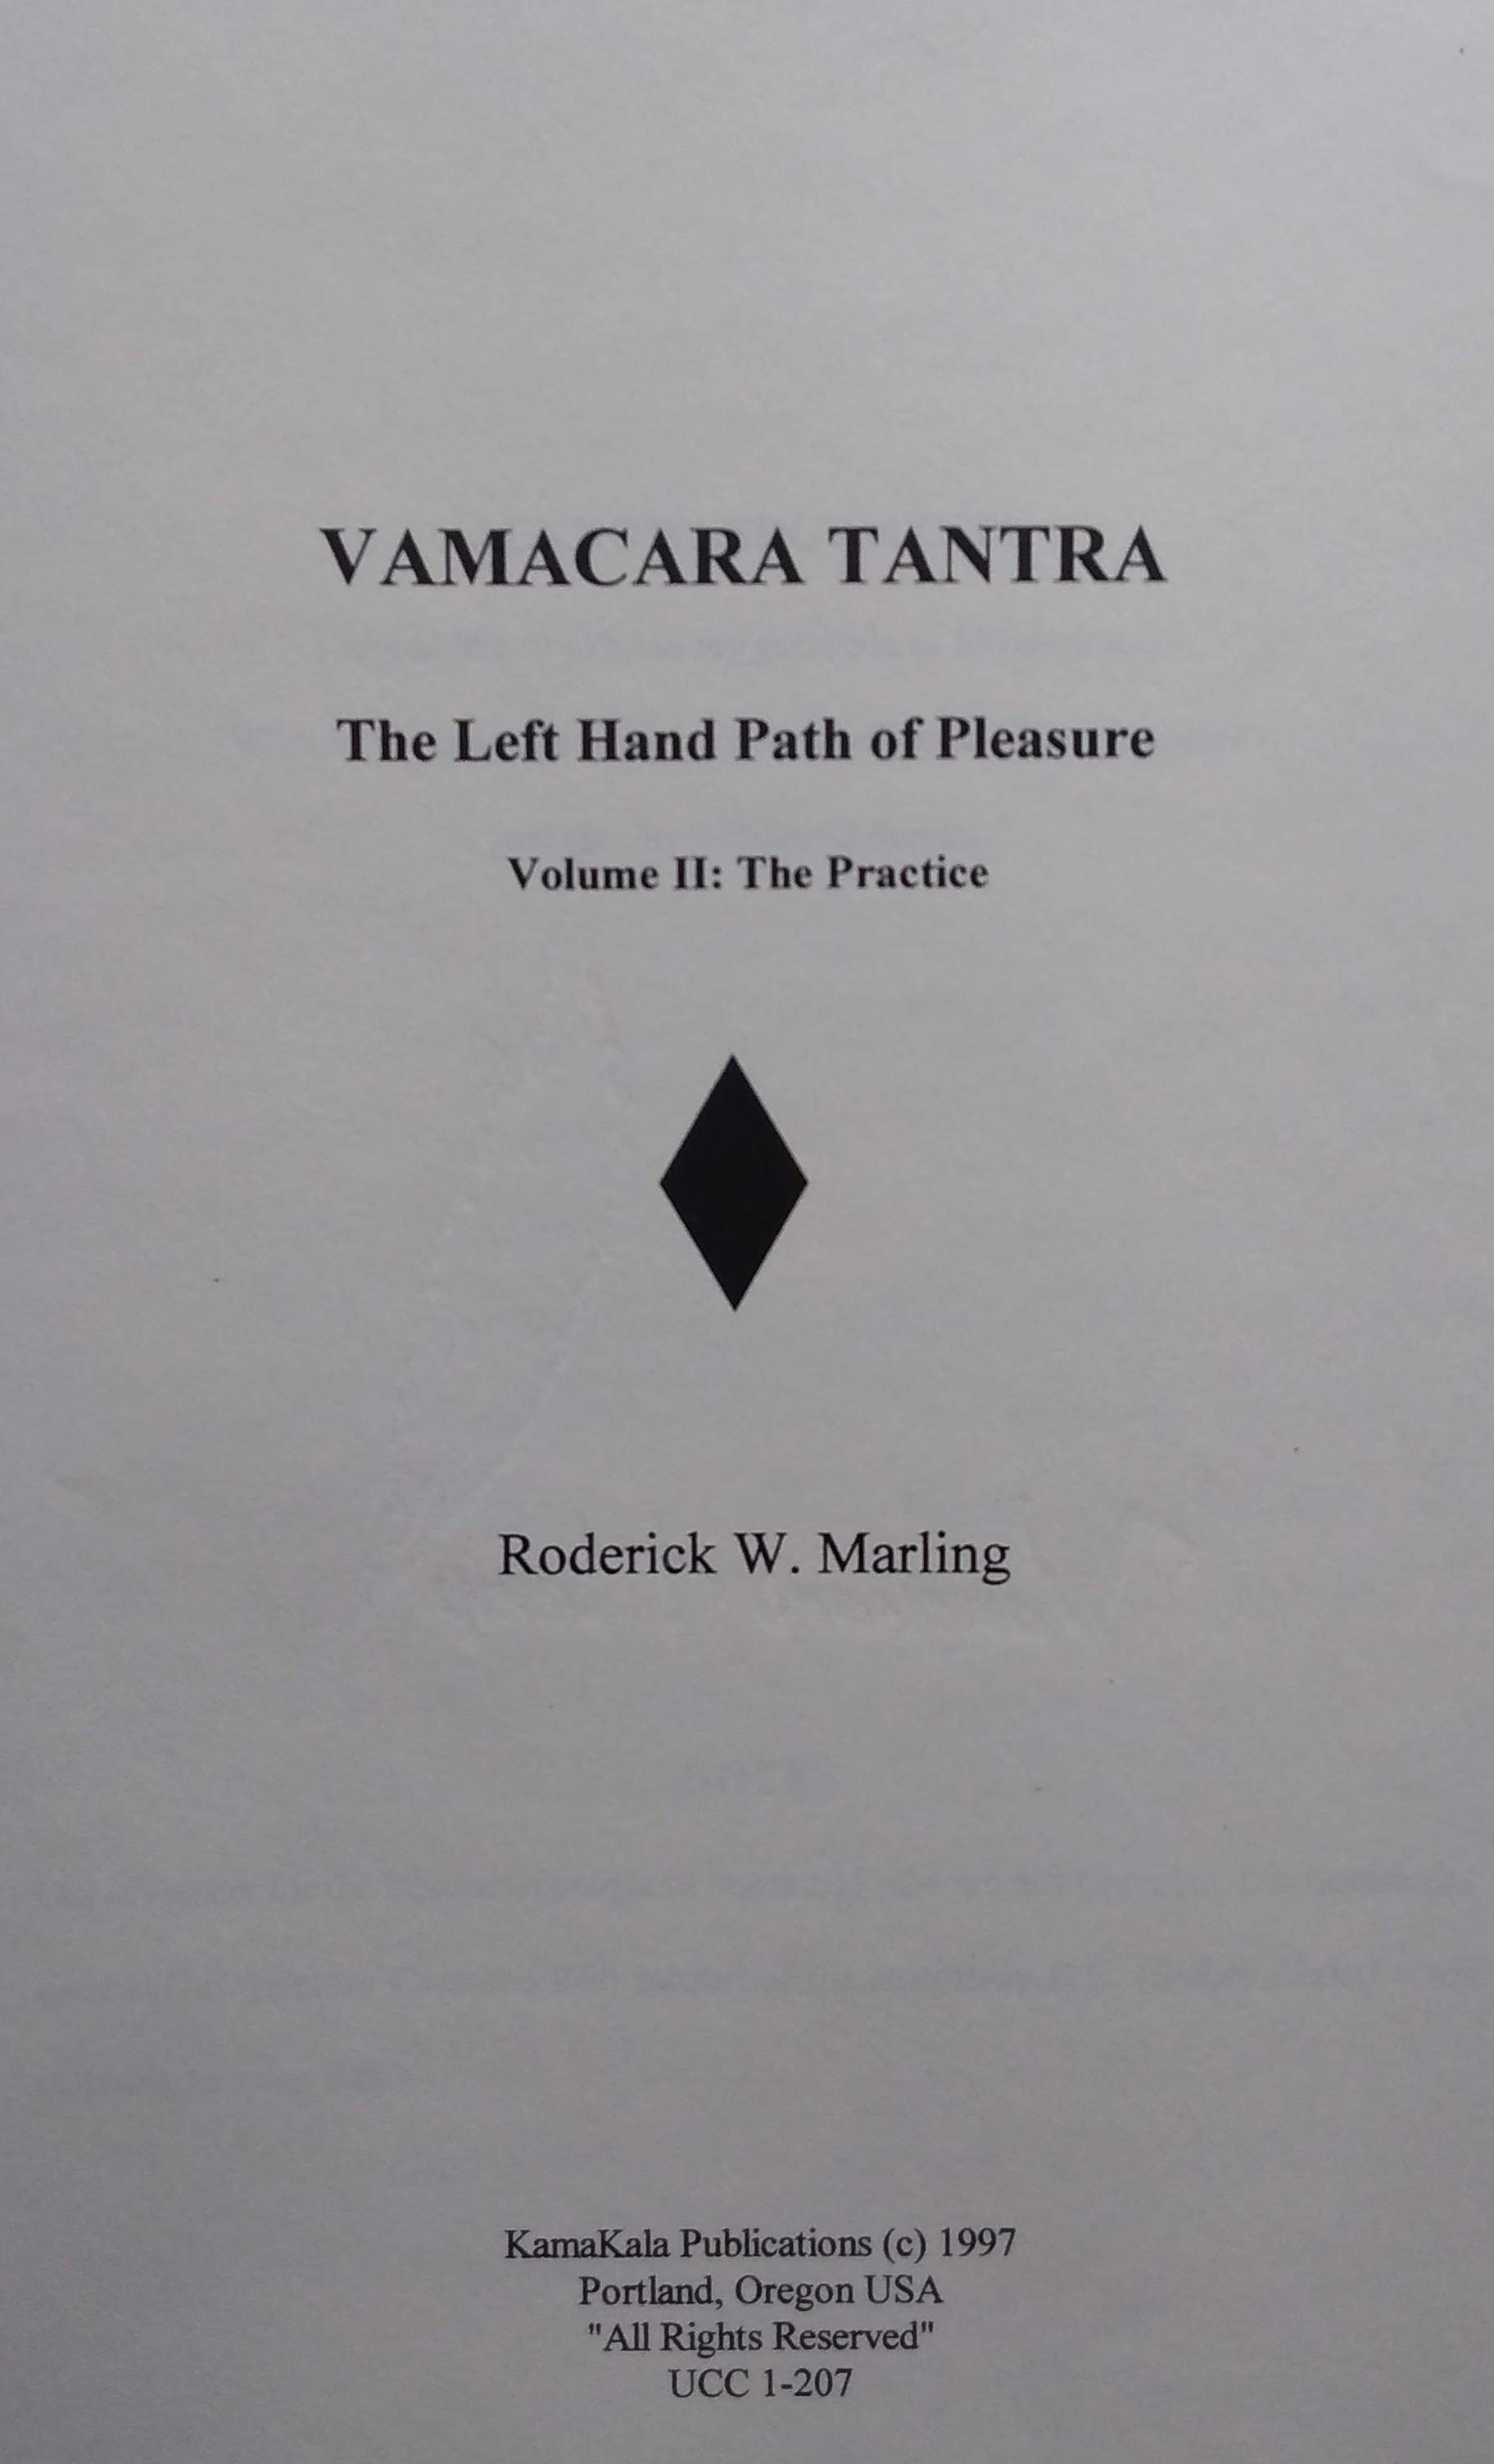 Vamacara Tantra